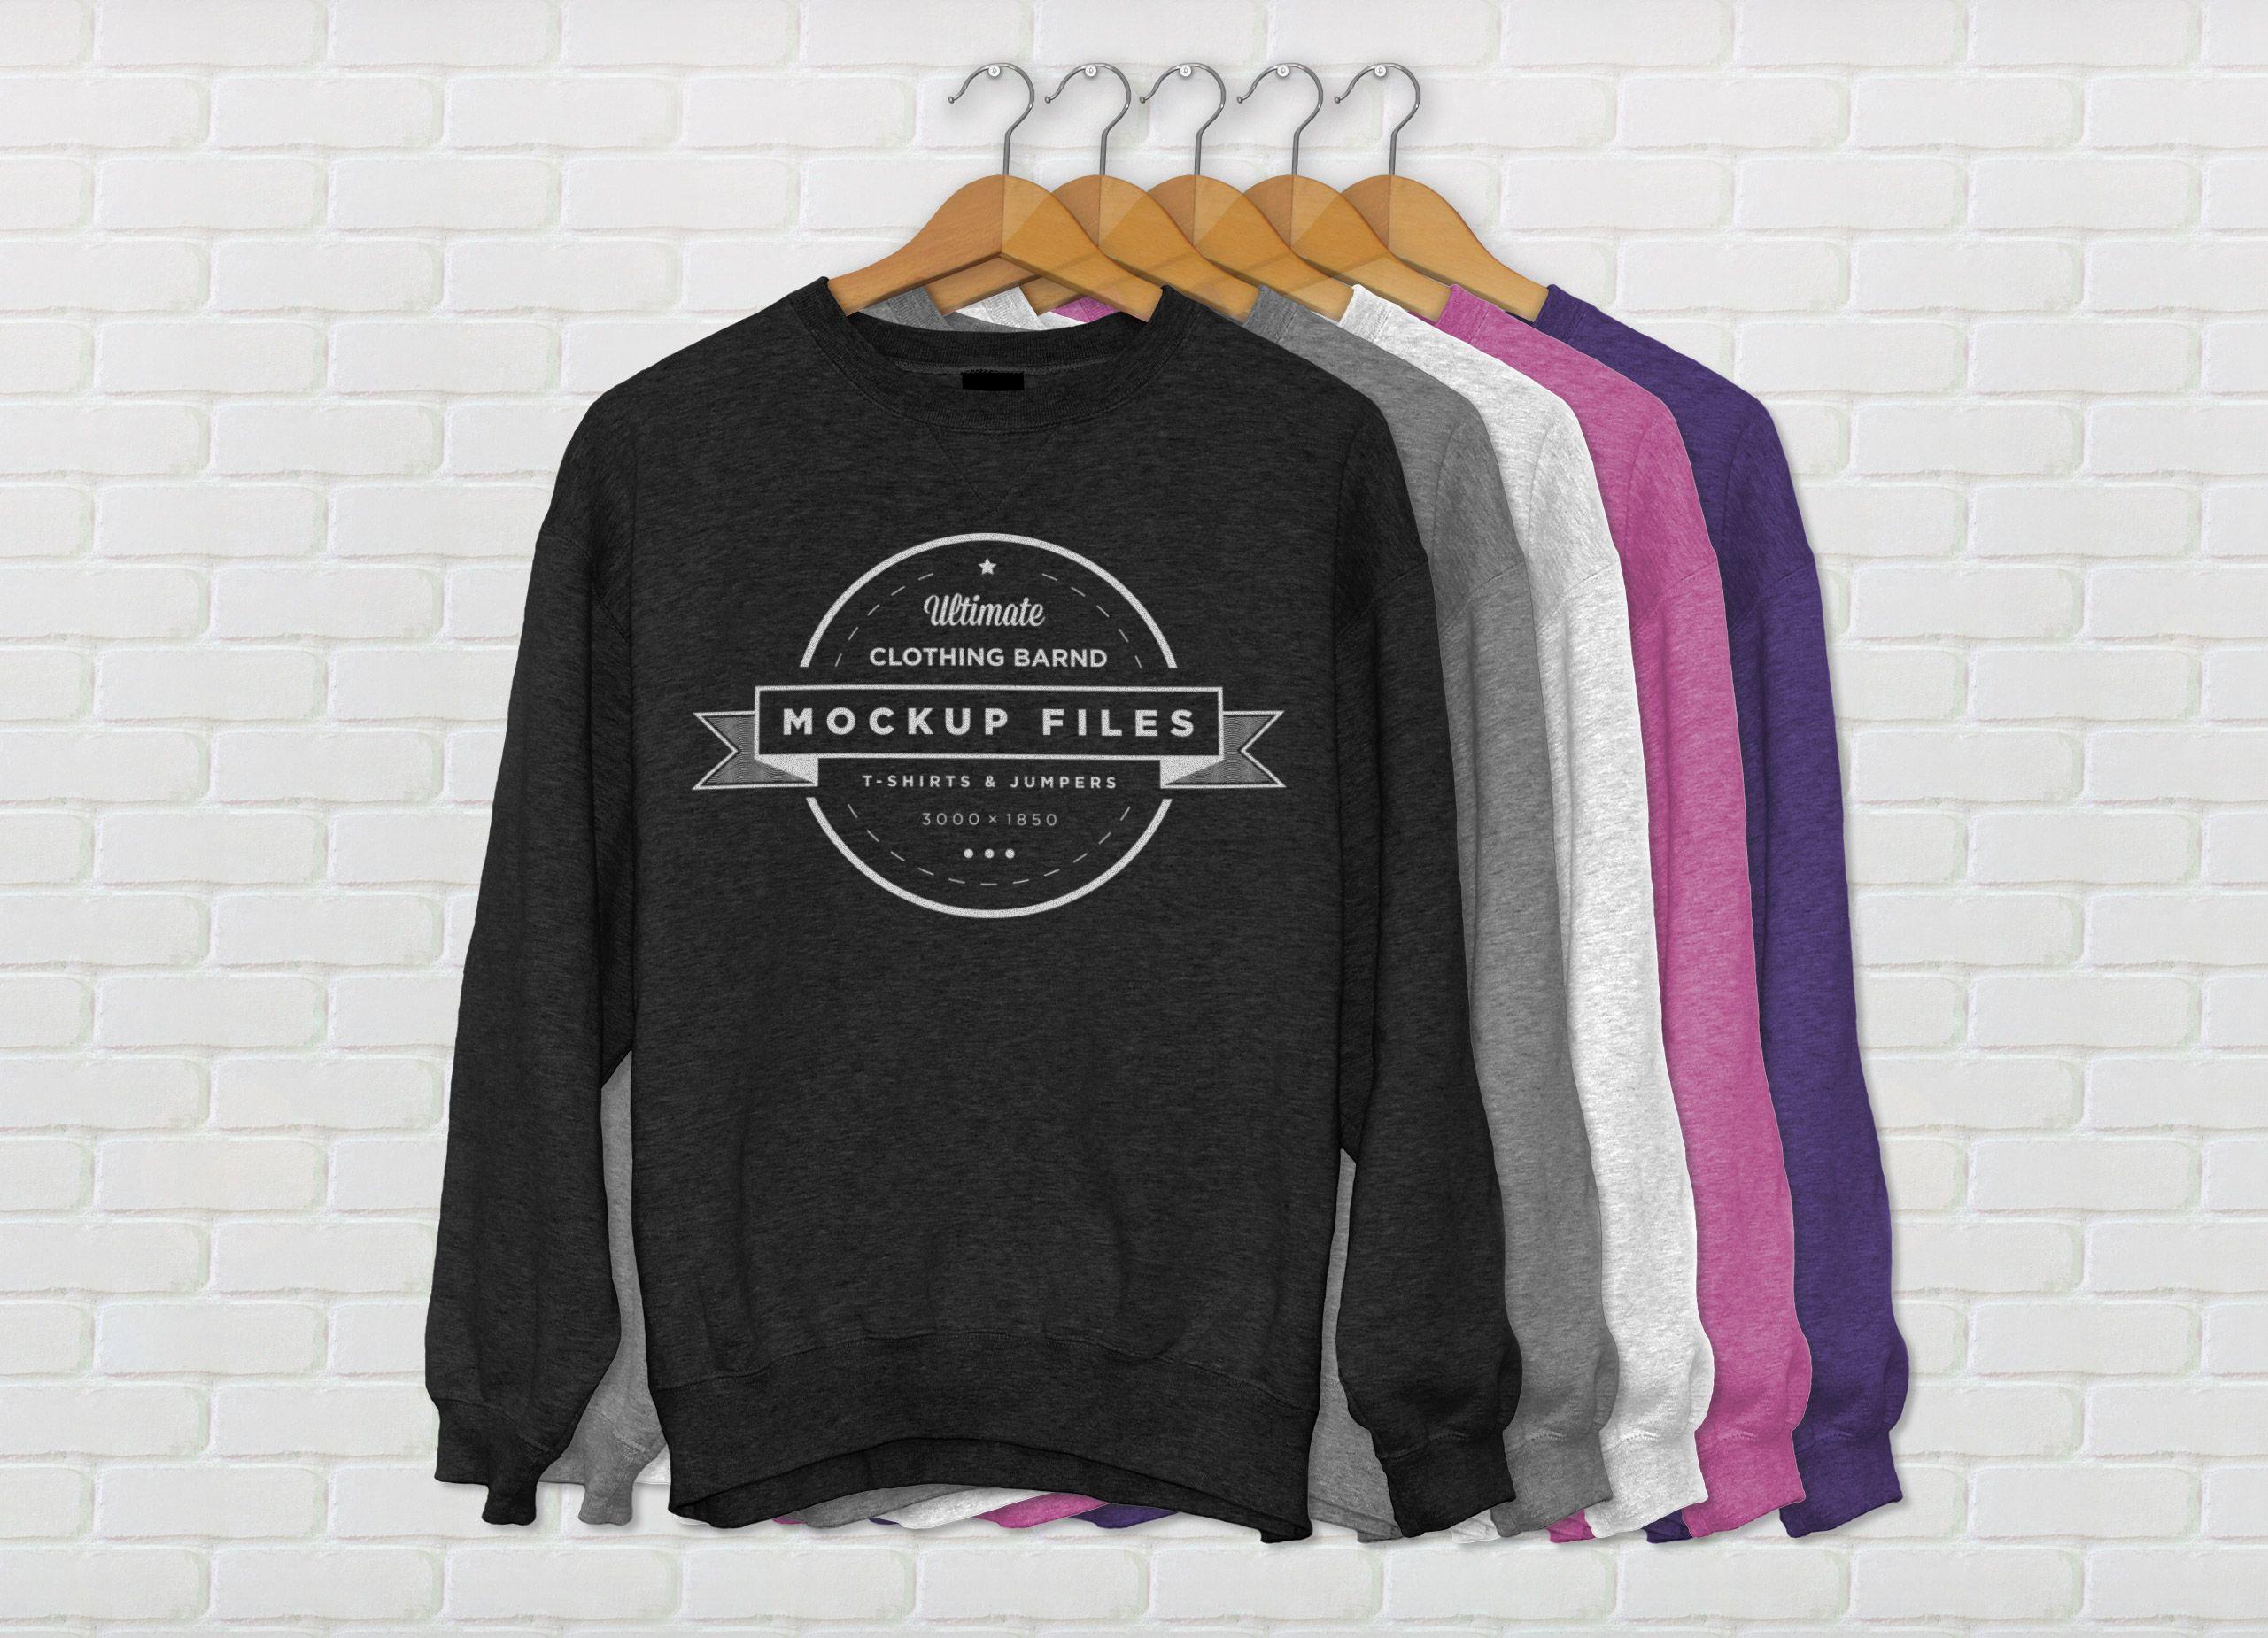 Download Sweater Mockup Free Psd Clothing Mockup Shirt Mockup Mockup Psd